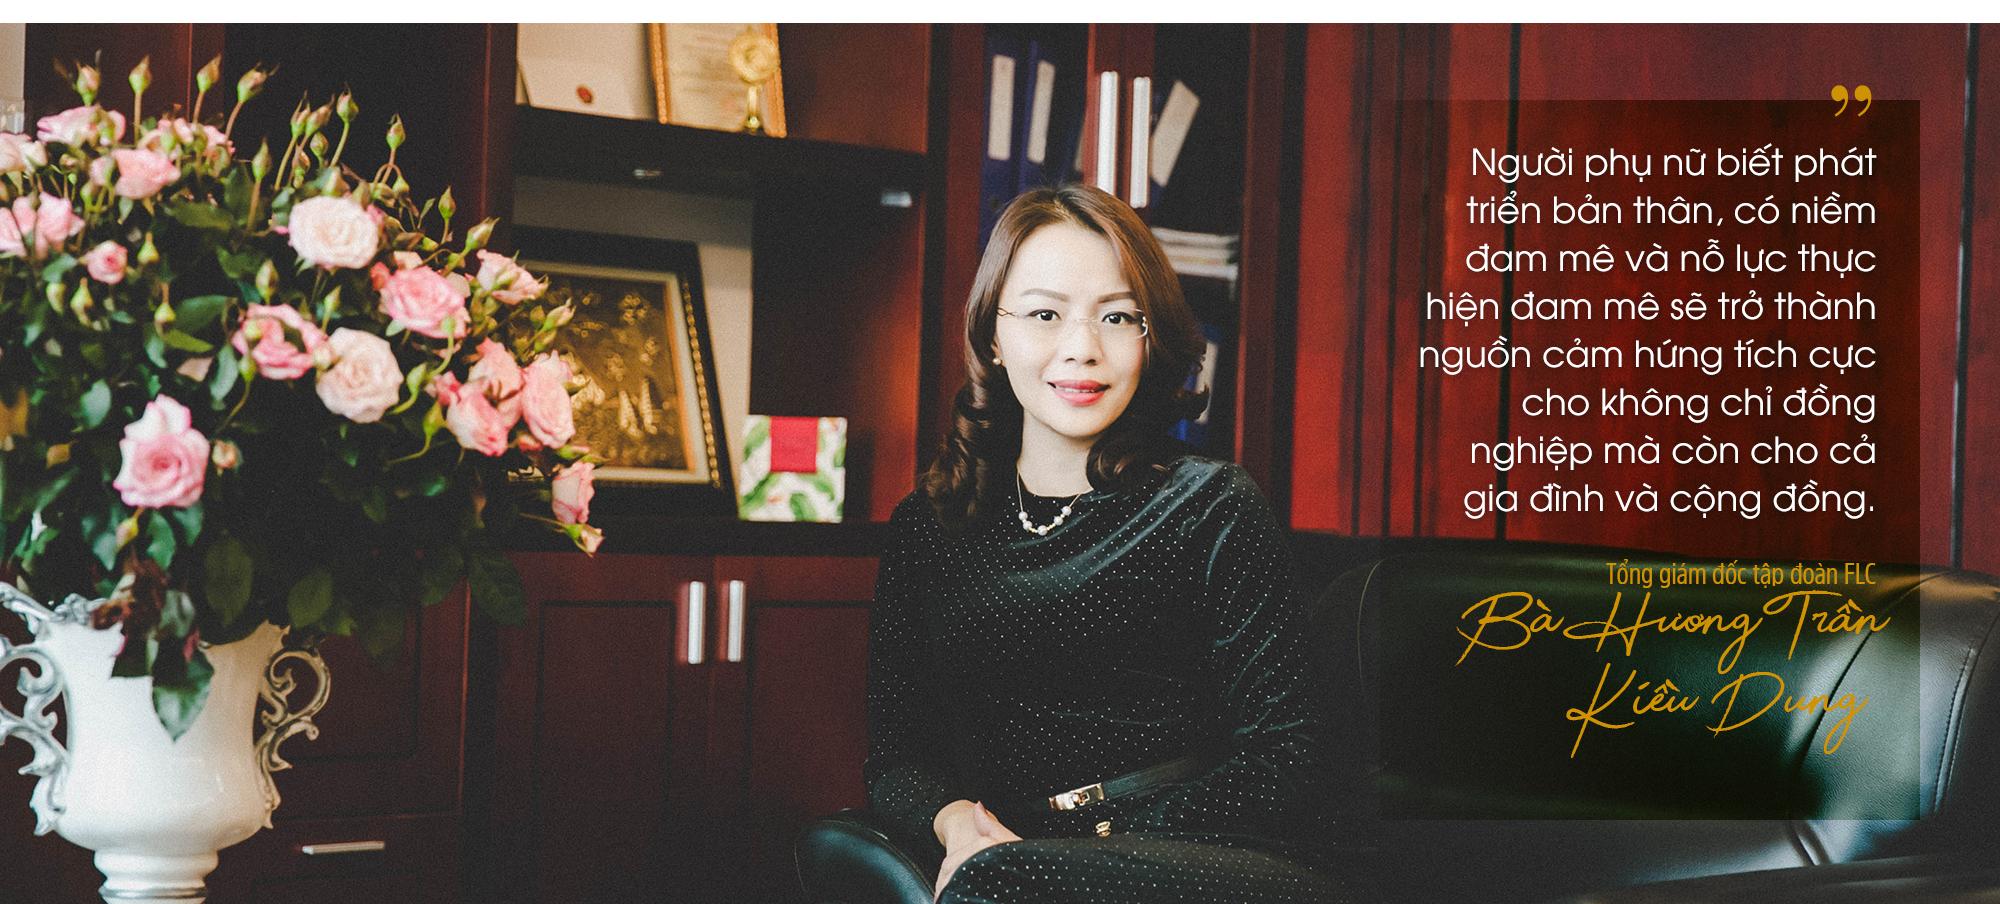 Điều đặc biệt ít biết về nữ CEO quyền lực nhất FLC: Khi Tiến sỹ Luật làm sếp, các vấn đề sẽ được giải quyết theo tinh thần của nguyên tắc suy đoán vô tội - Ảnh 8.